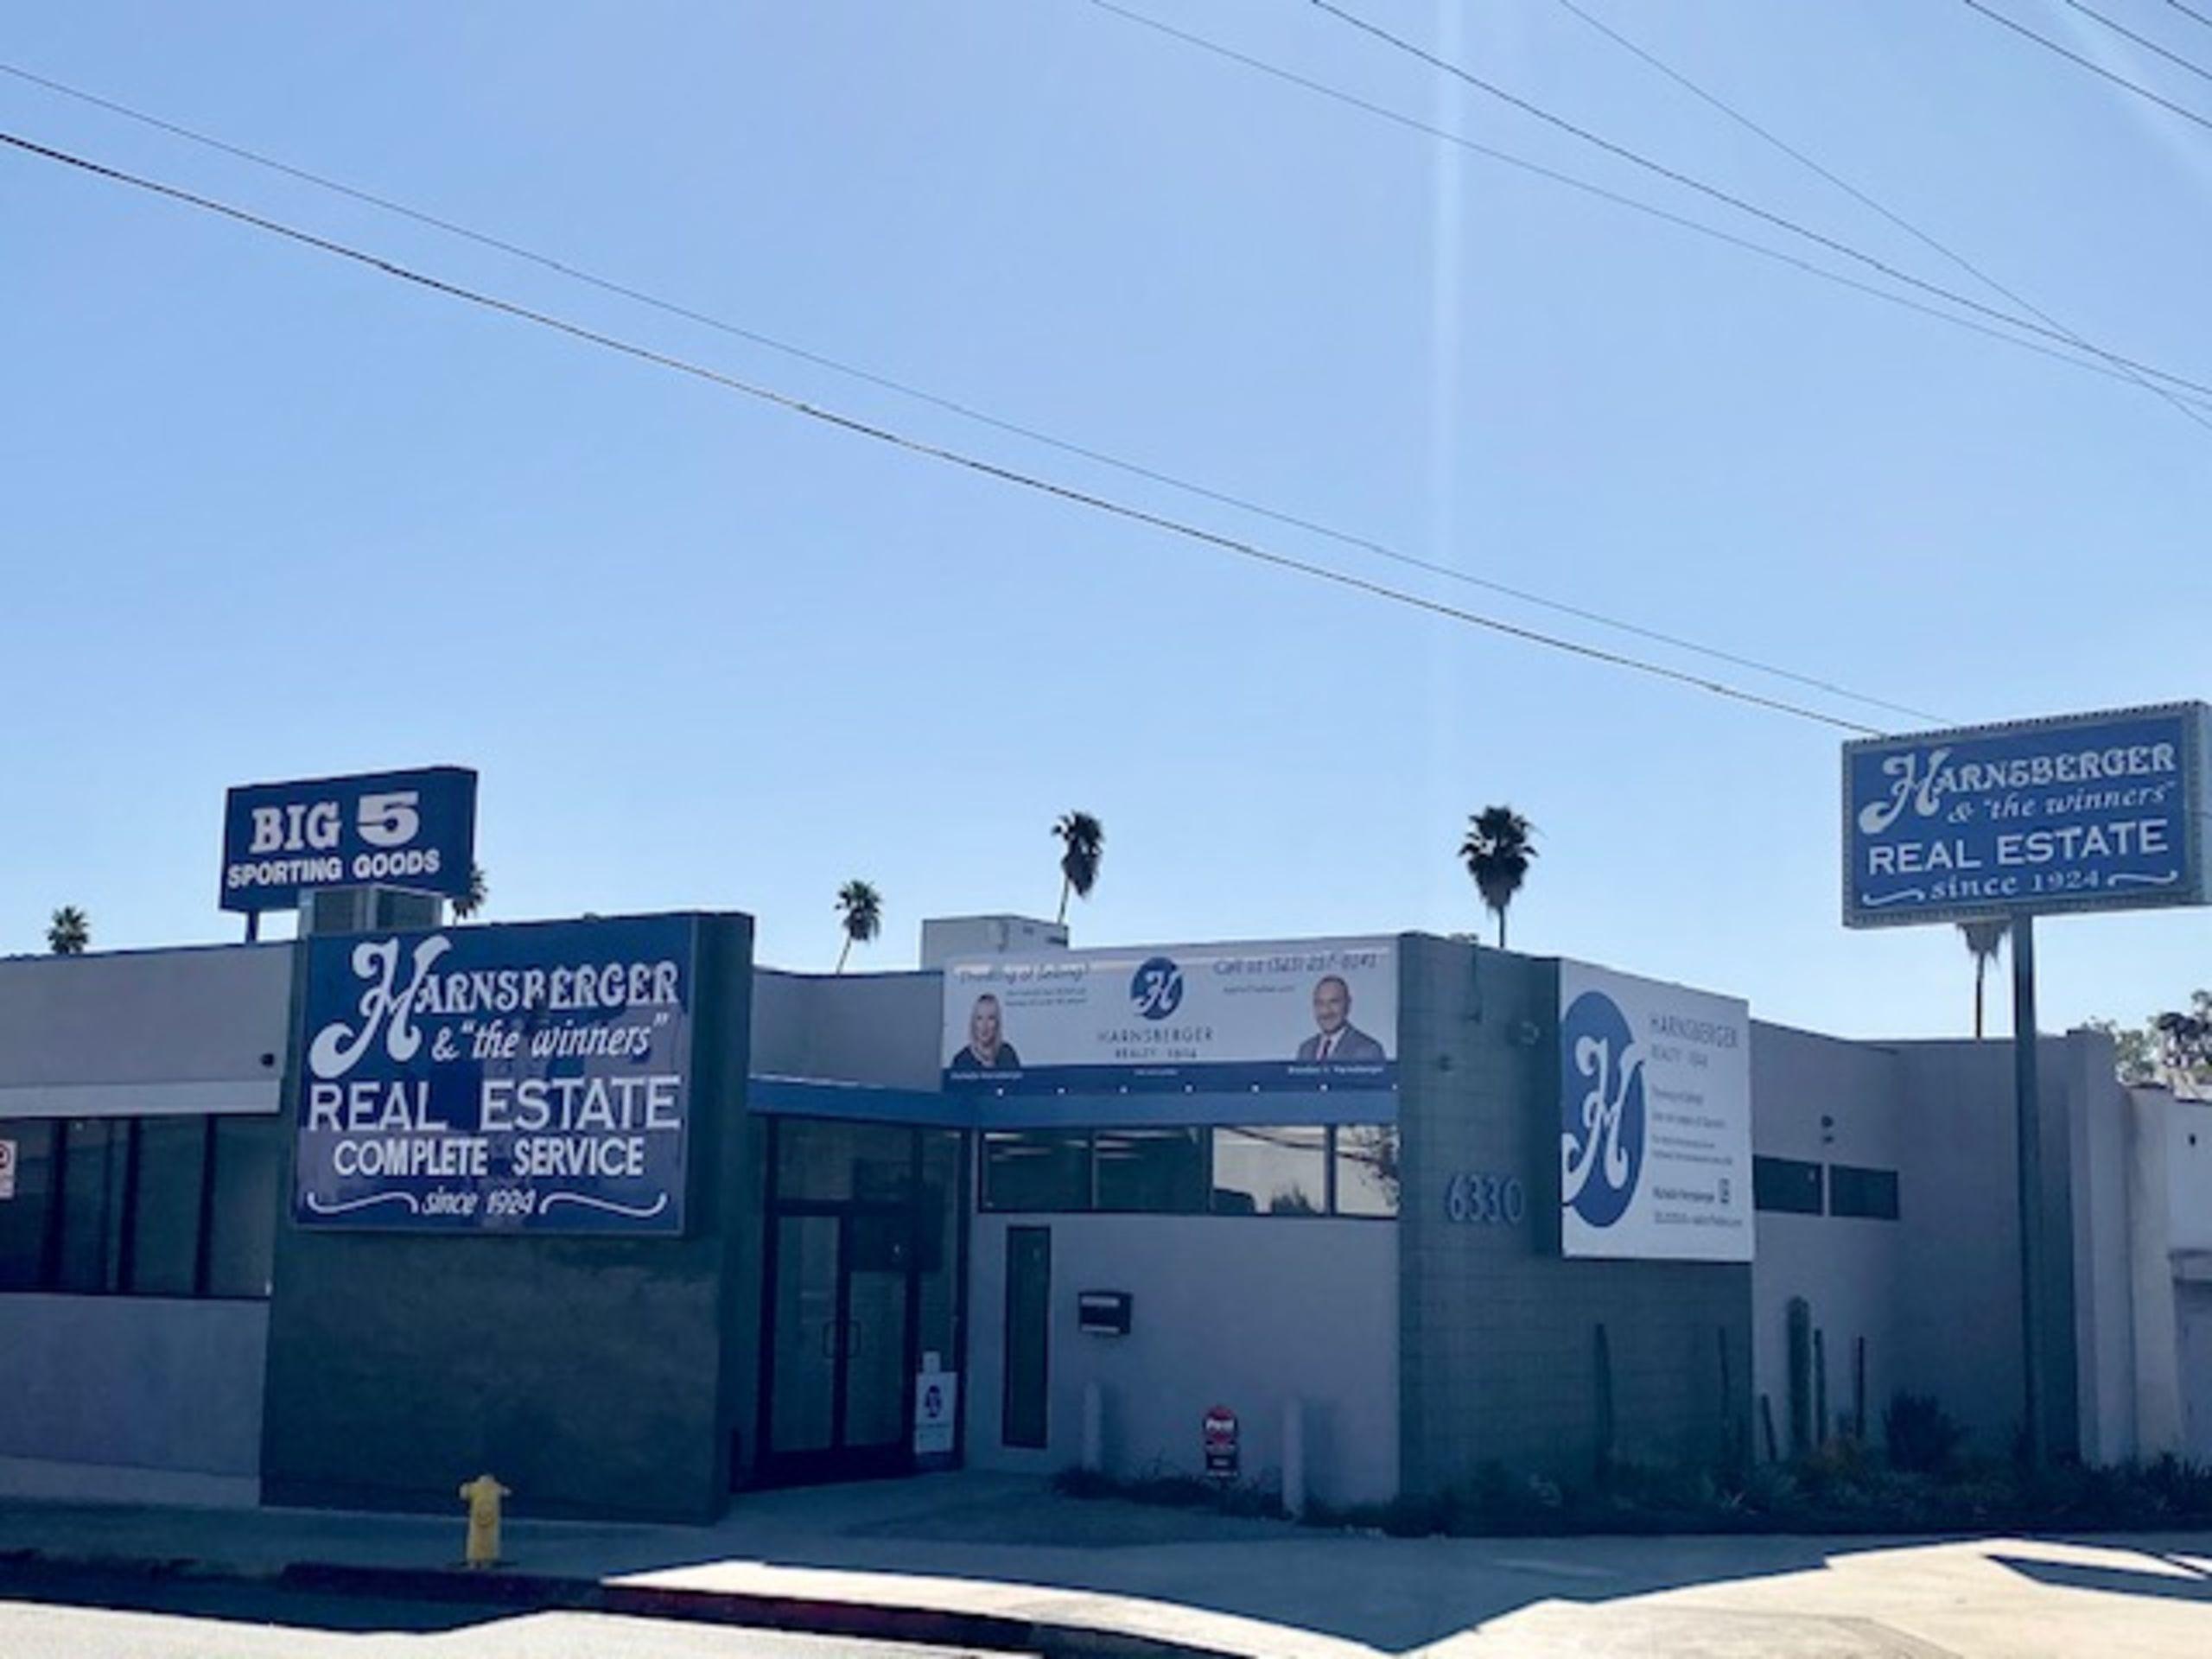 6330 N. Figueroa Street